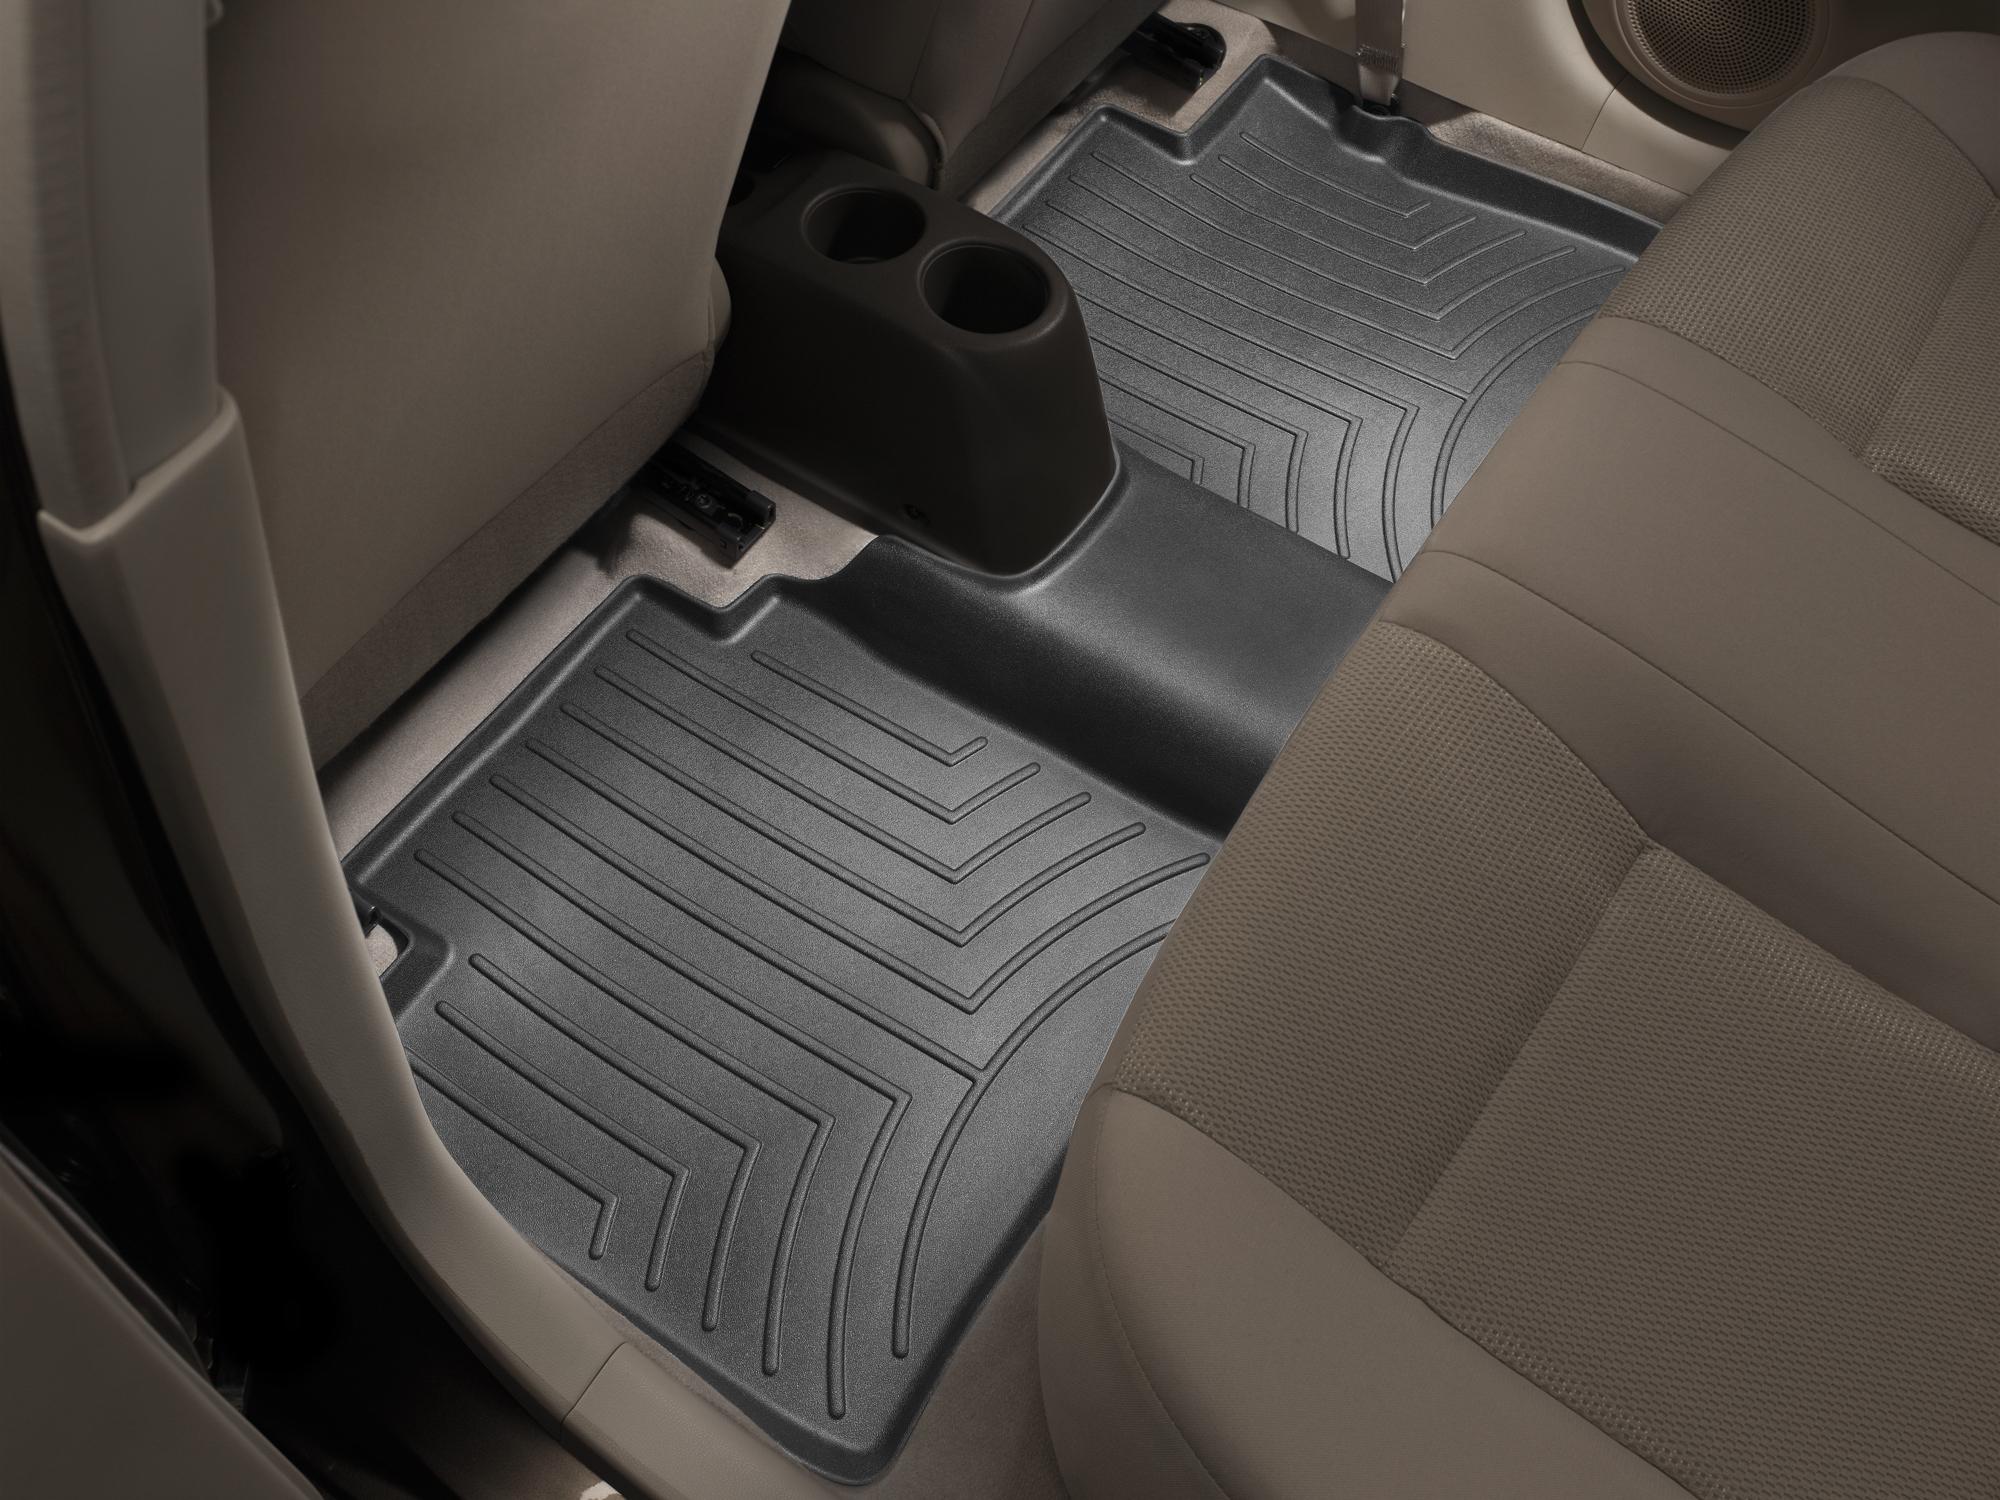 Tappeti gomma su misura bordo alto Nissan Note 14>17 Nero A2906